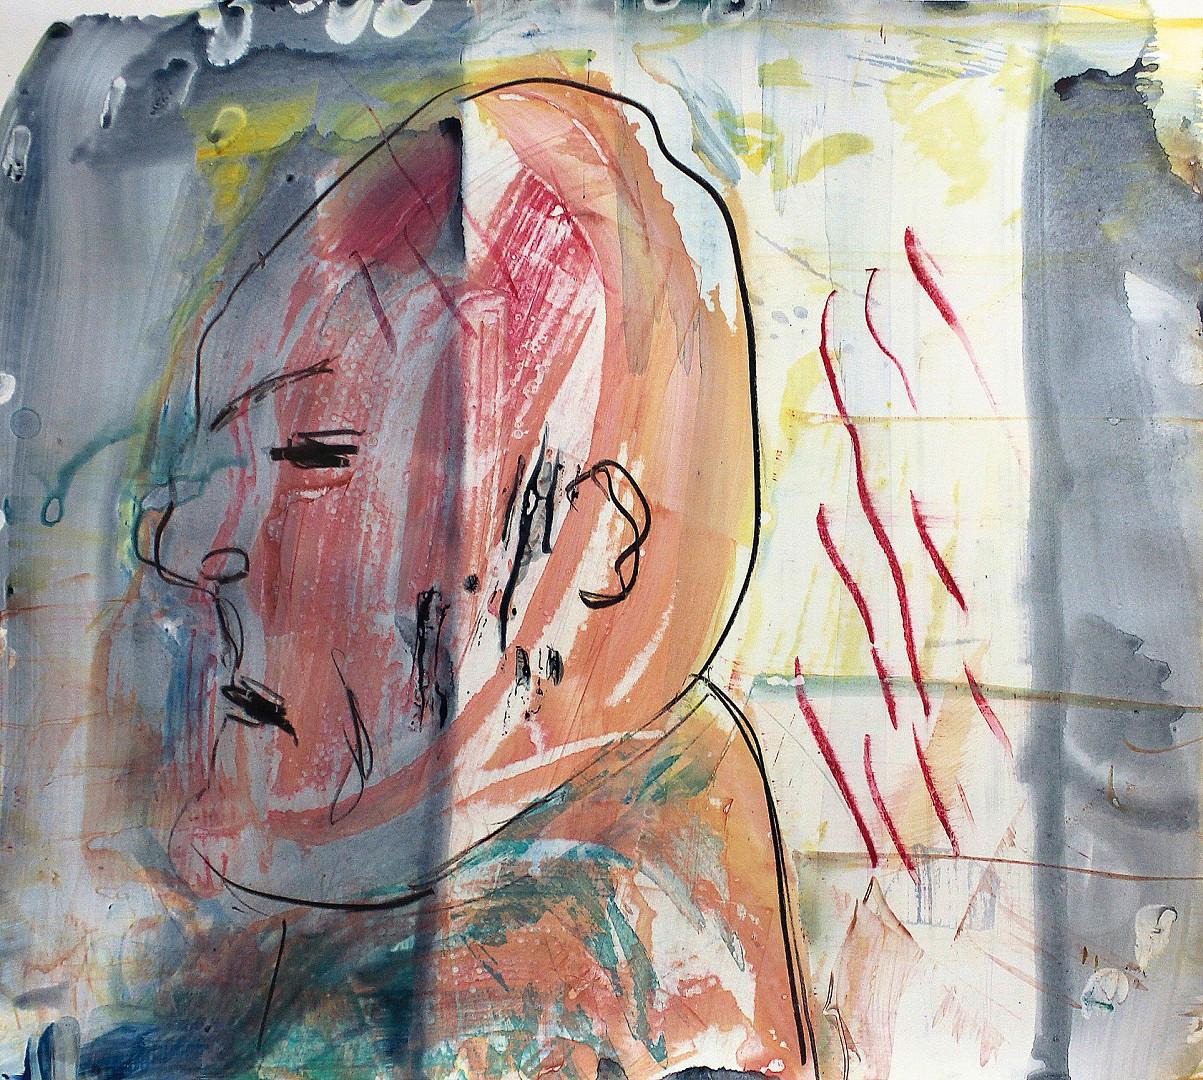 Acryl, Ölkreide auf Karton. 50x50 cm  2012, © Christa Redik